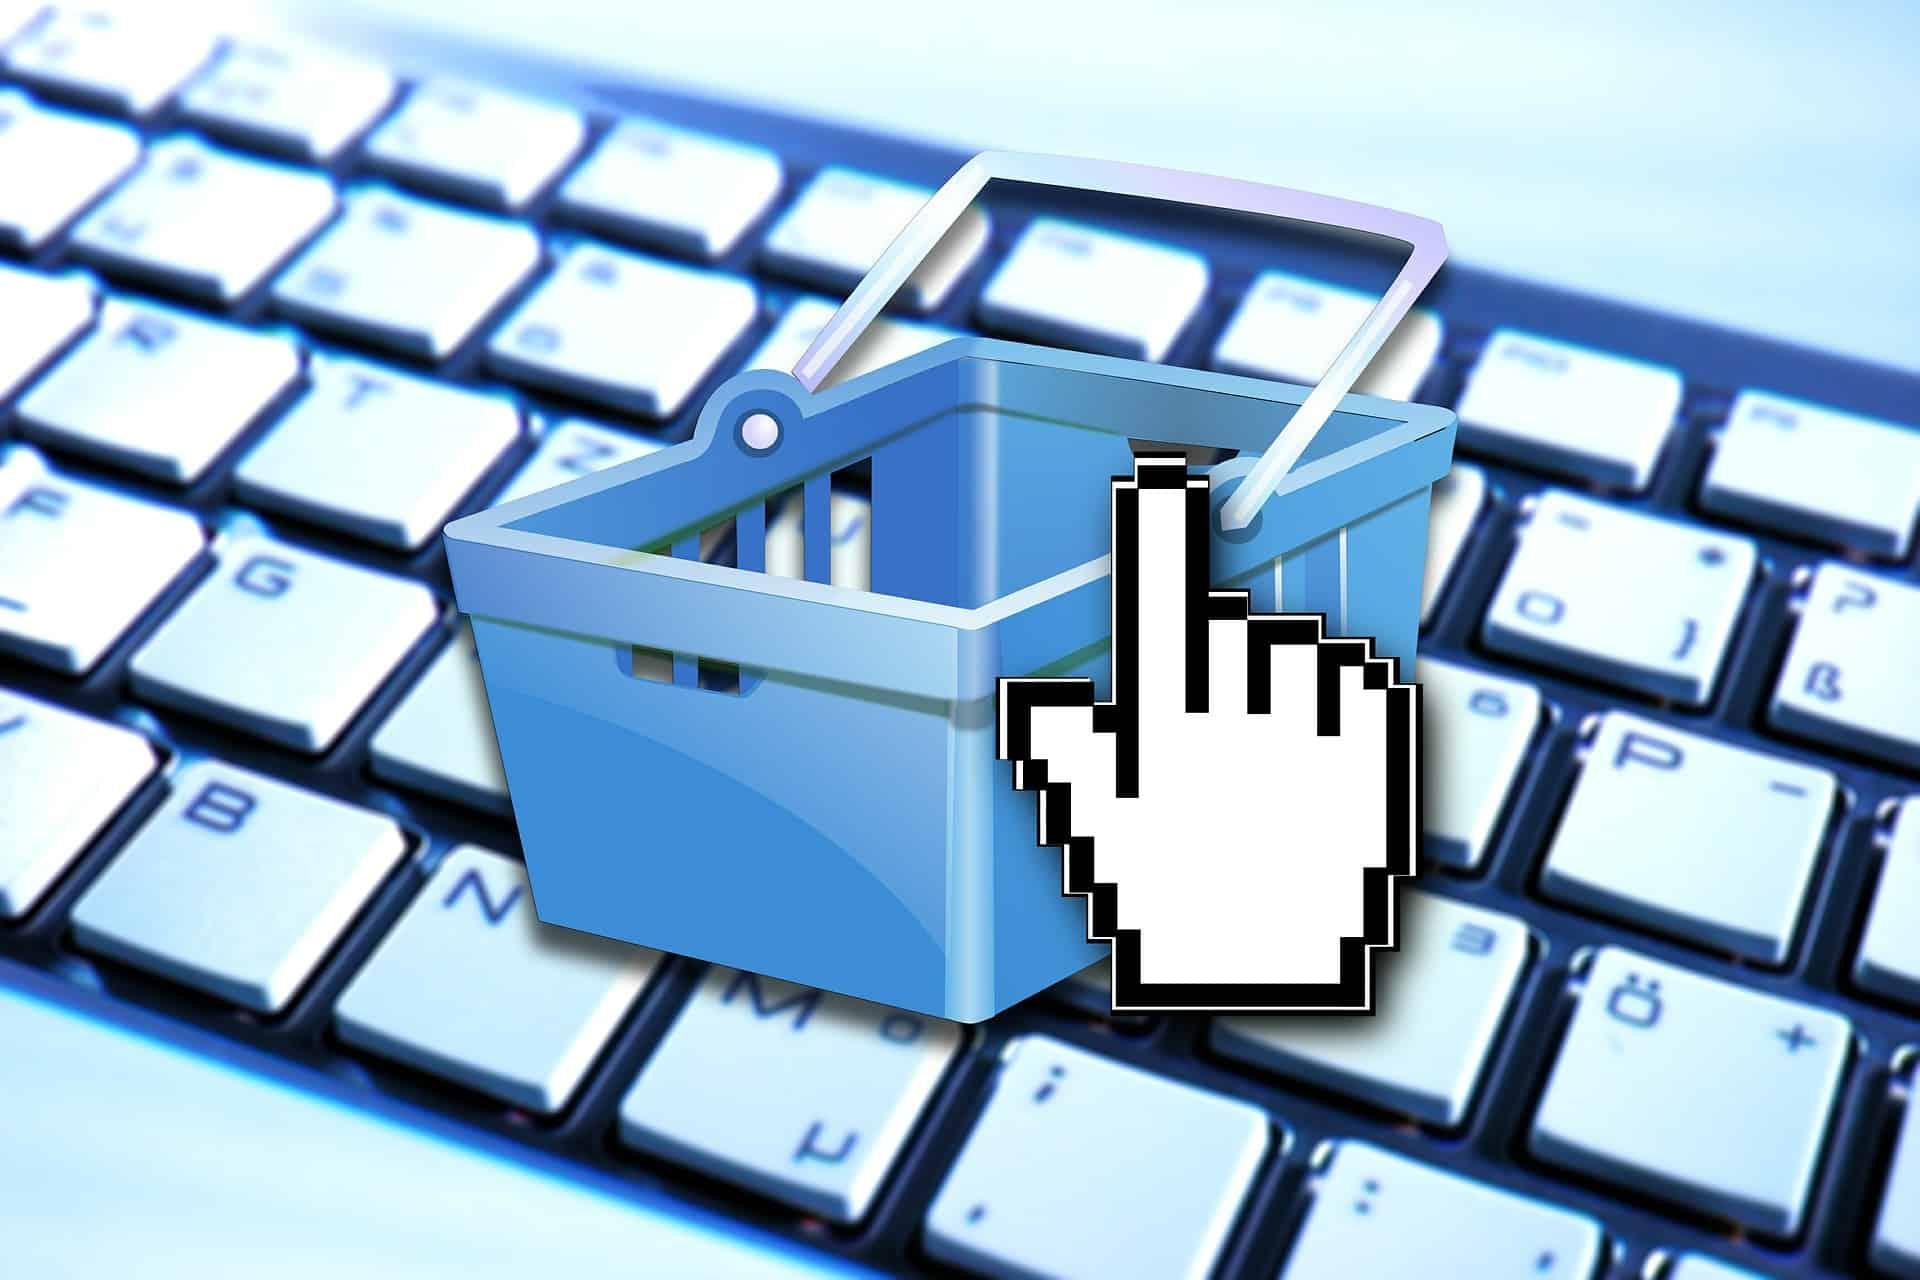 cashback shopping bonplan argent - Commerce électronique